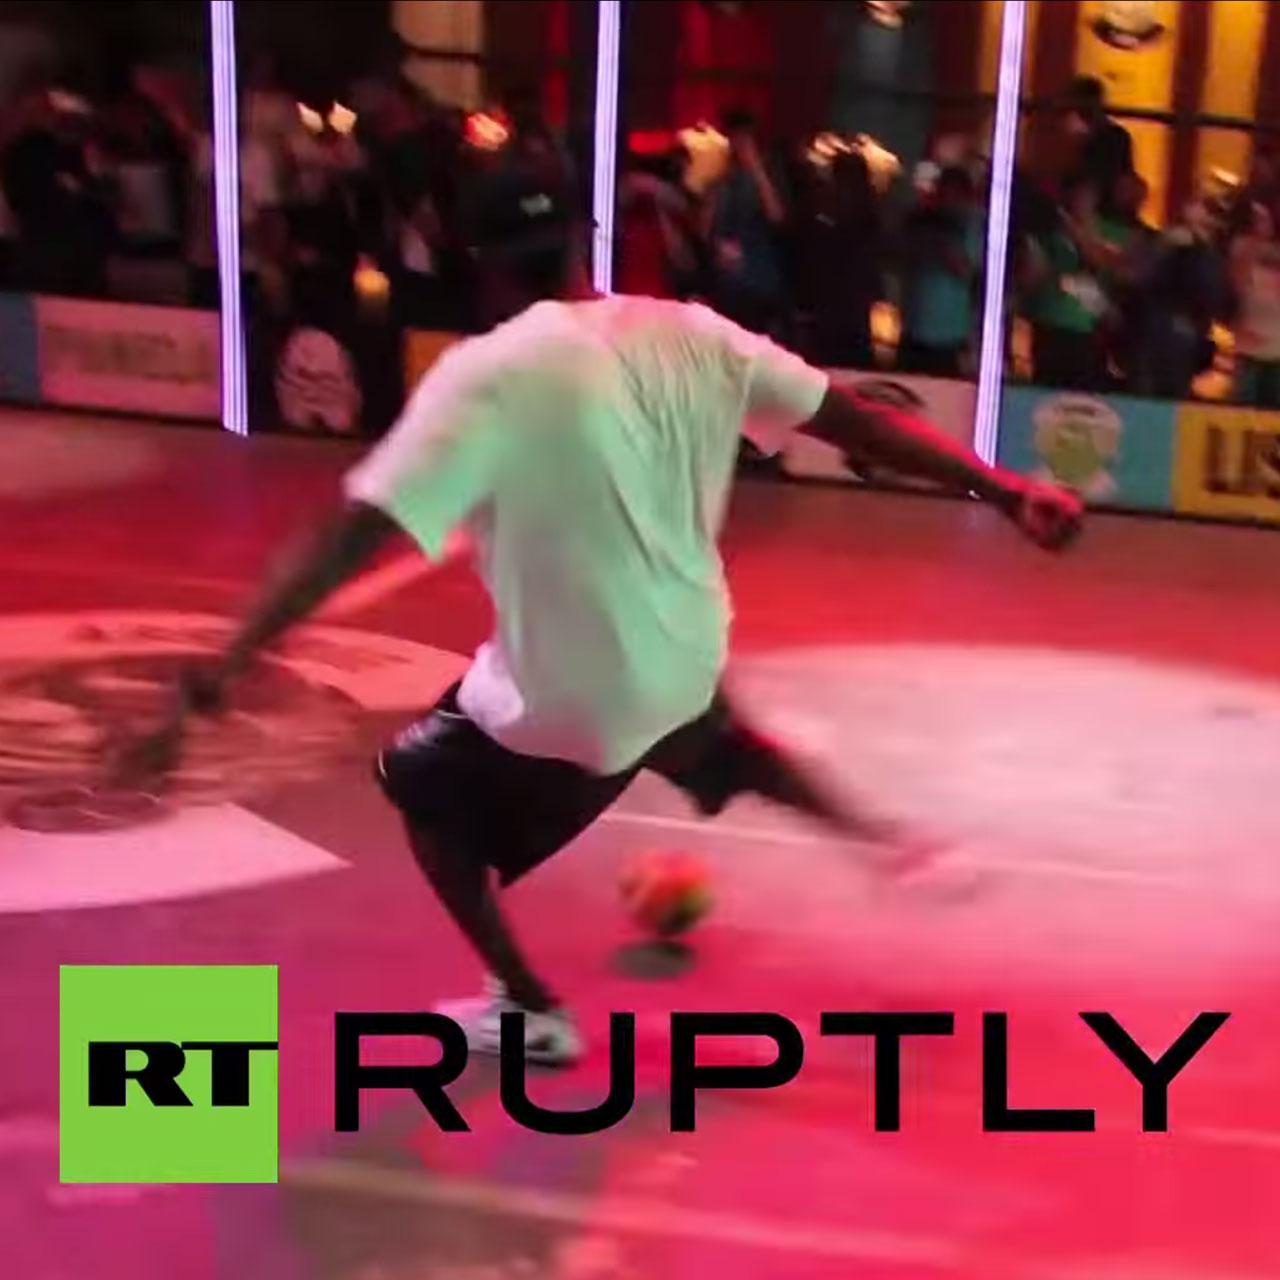 Kobe Bryant plays soccer in Rio.